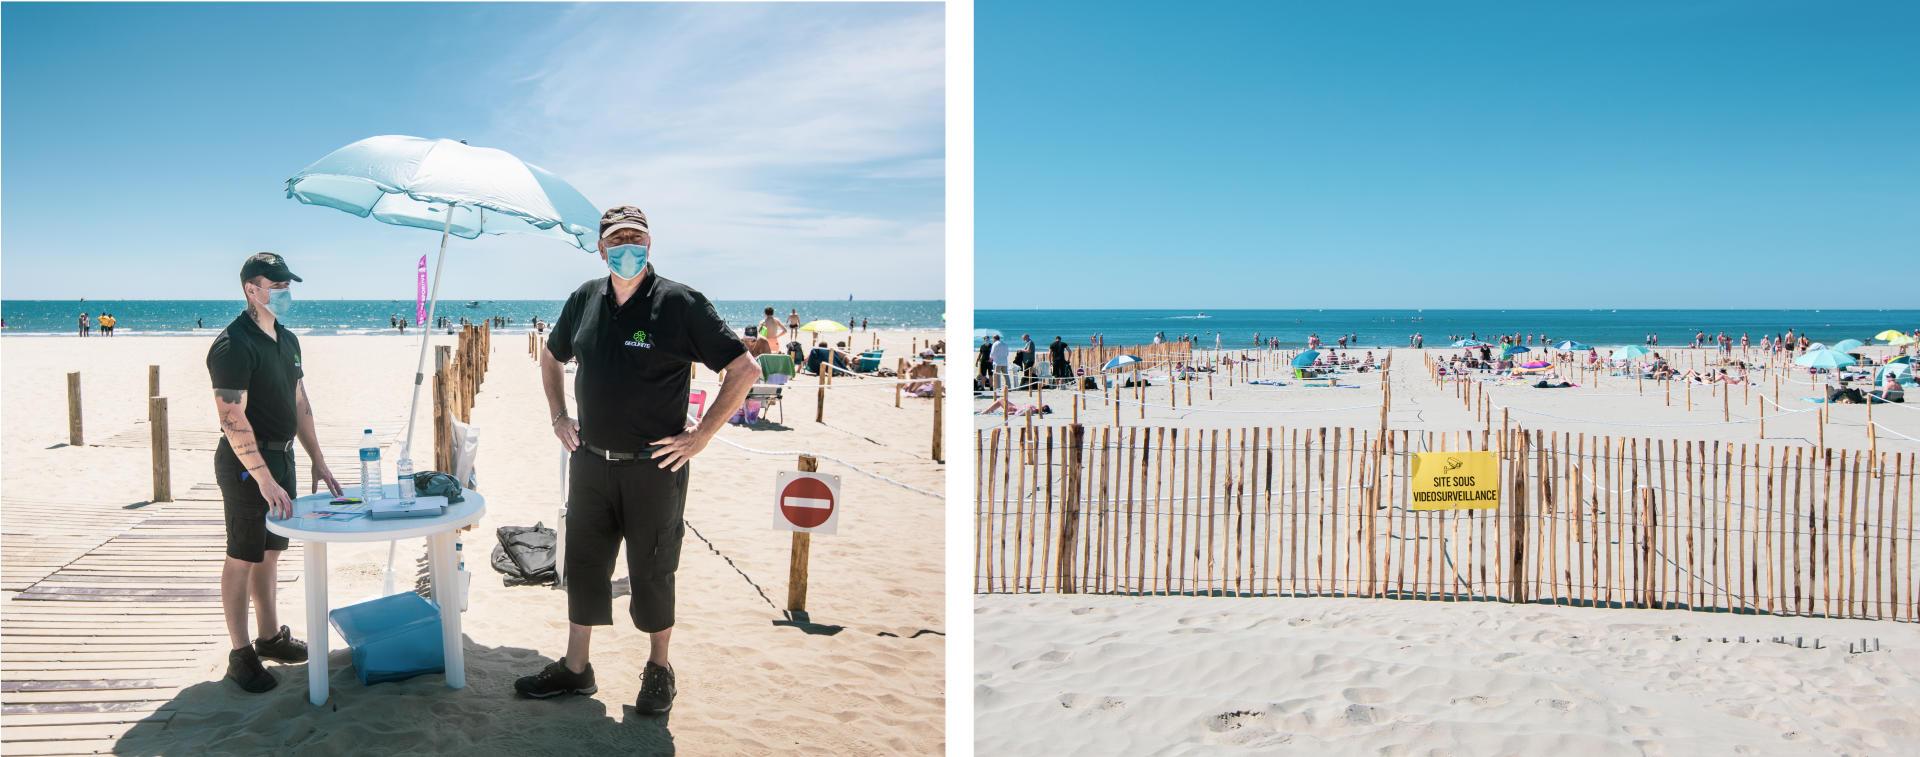 Premier jour d'ouverture du dispositif de la «plage statique», permettant aux plagistes de se baigner et de rester sur le sable à l'intérieur d'un emplacement délimité. Trois agents de sécurité et une caméra de vidéosurveillance assurent le bon déroulement des activités.